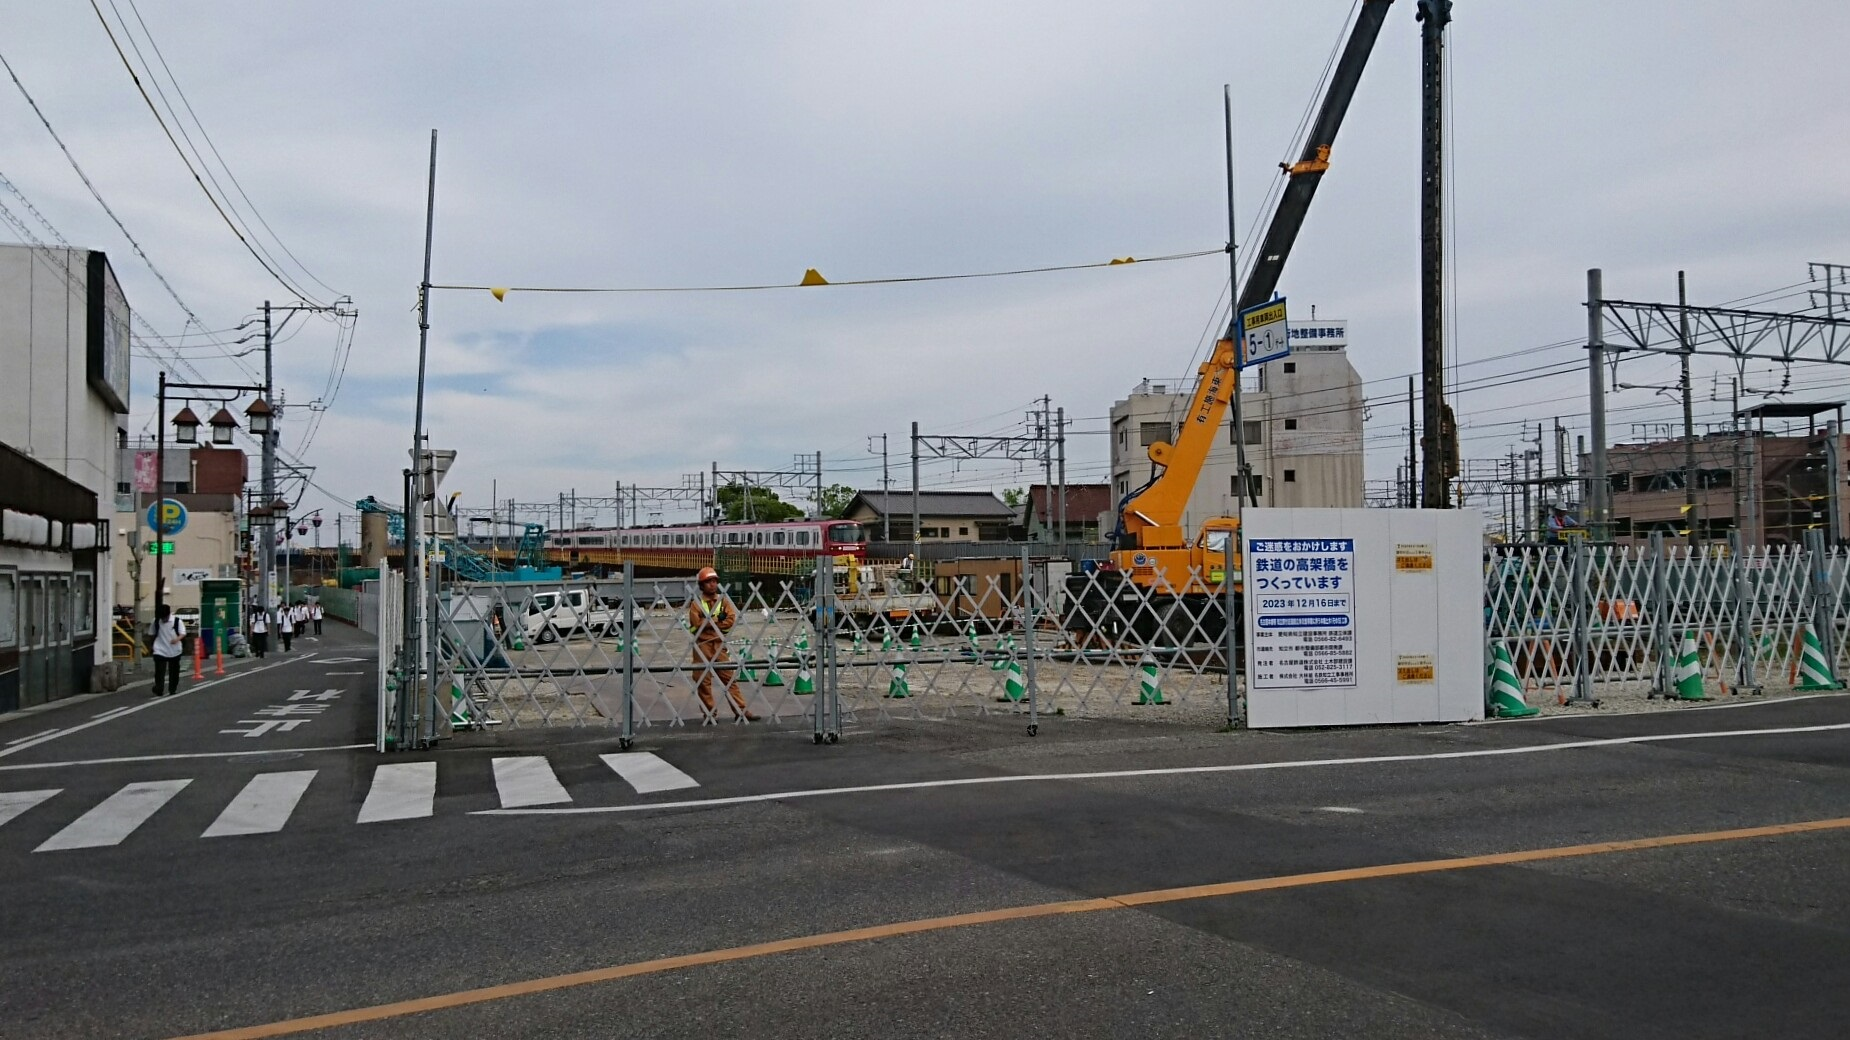 2019.5.27 (1003) 知立 - 鉄道高架橋工事 1850-1040